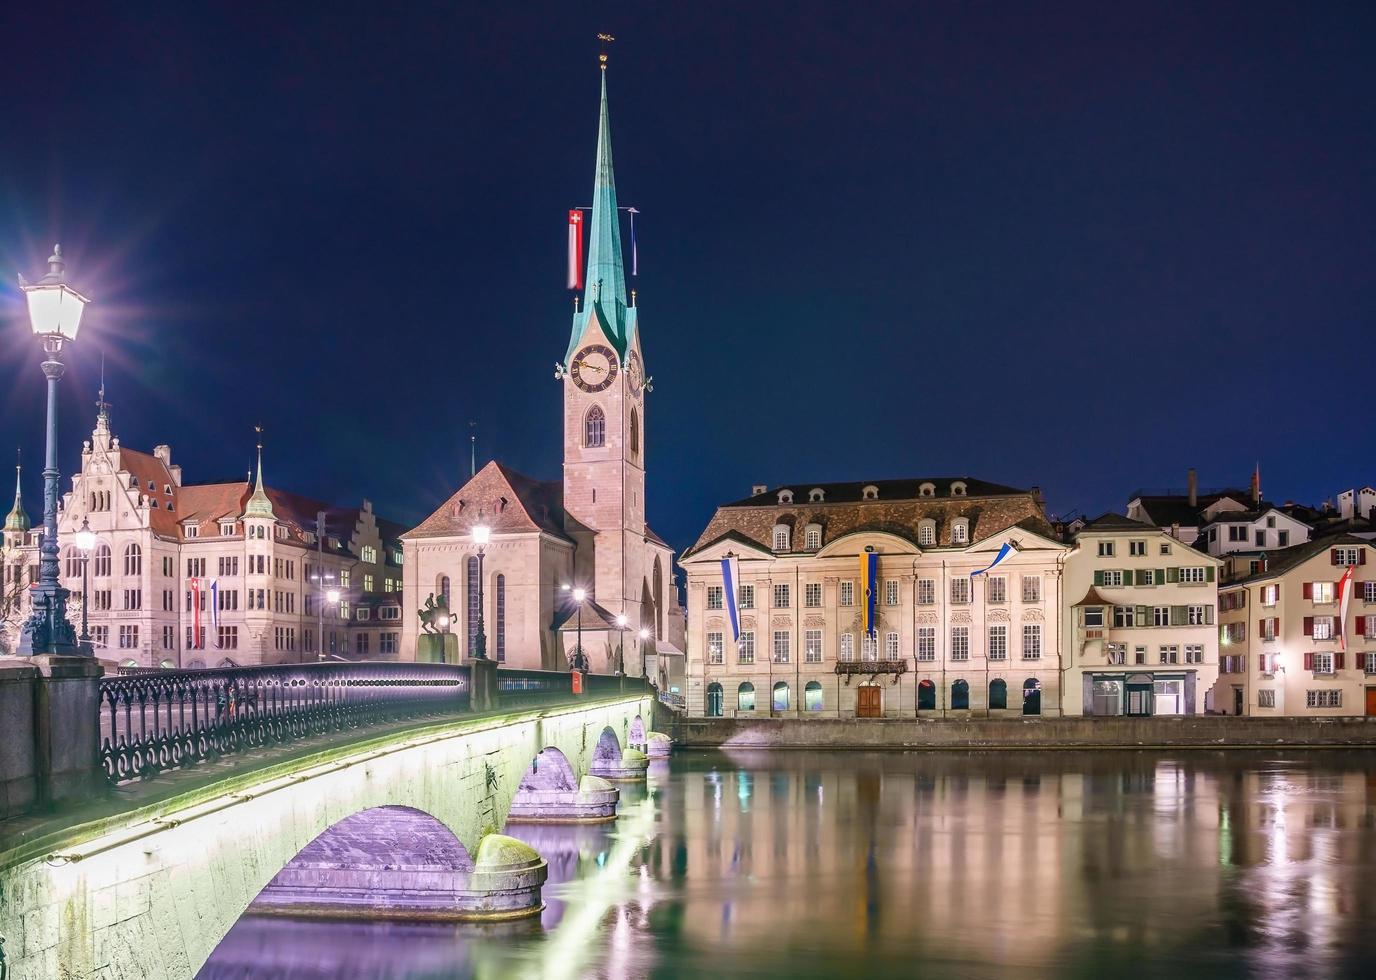 vista di Grossmunster e la città vecchia di Zurigo, Svizzera foto